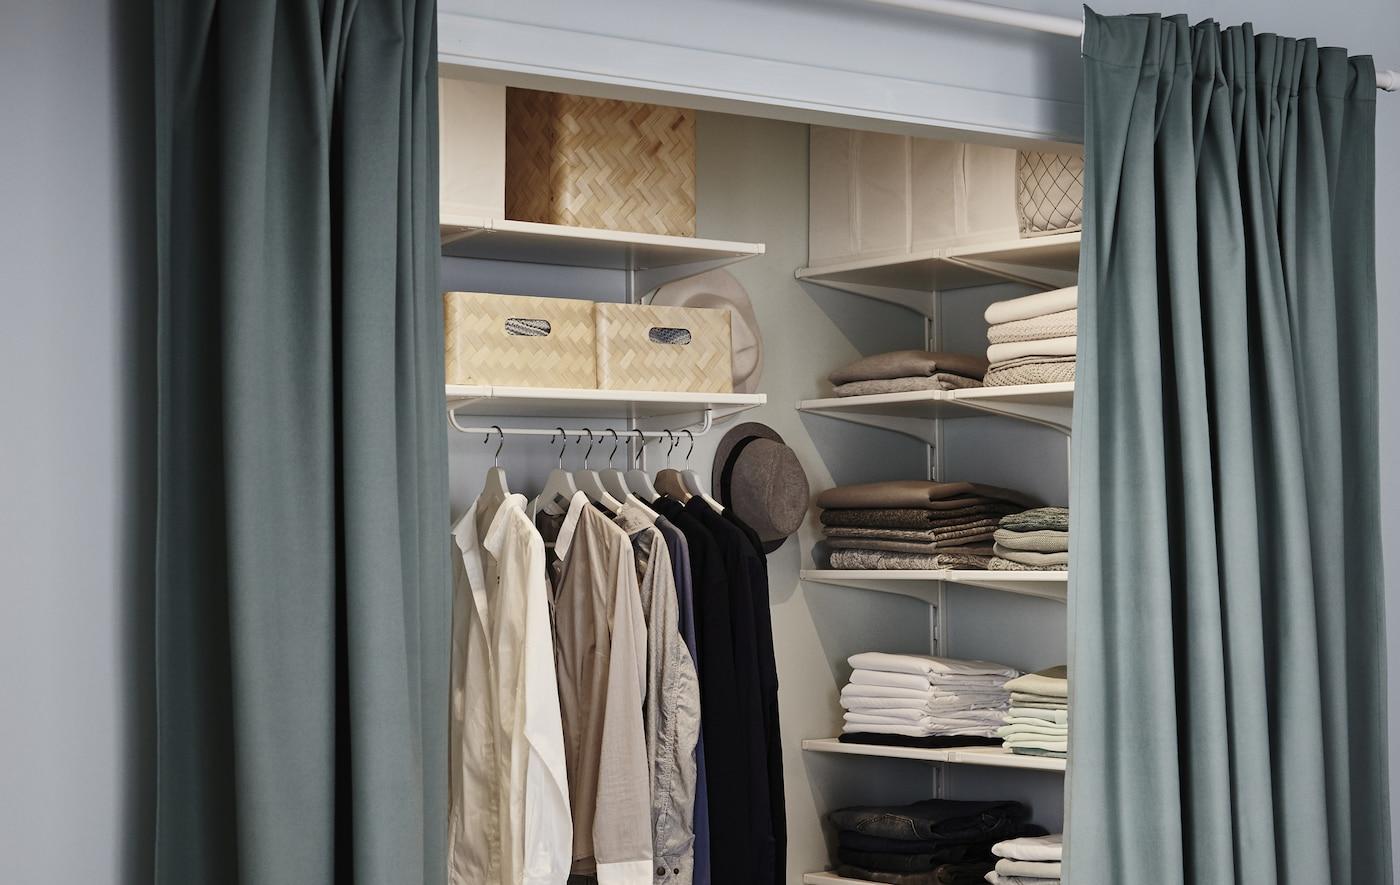 Hochwertig Einen Begehbaren Kleiderschrank Selber Bauen: Mehr Raum Für Dein Zuhause